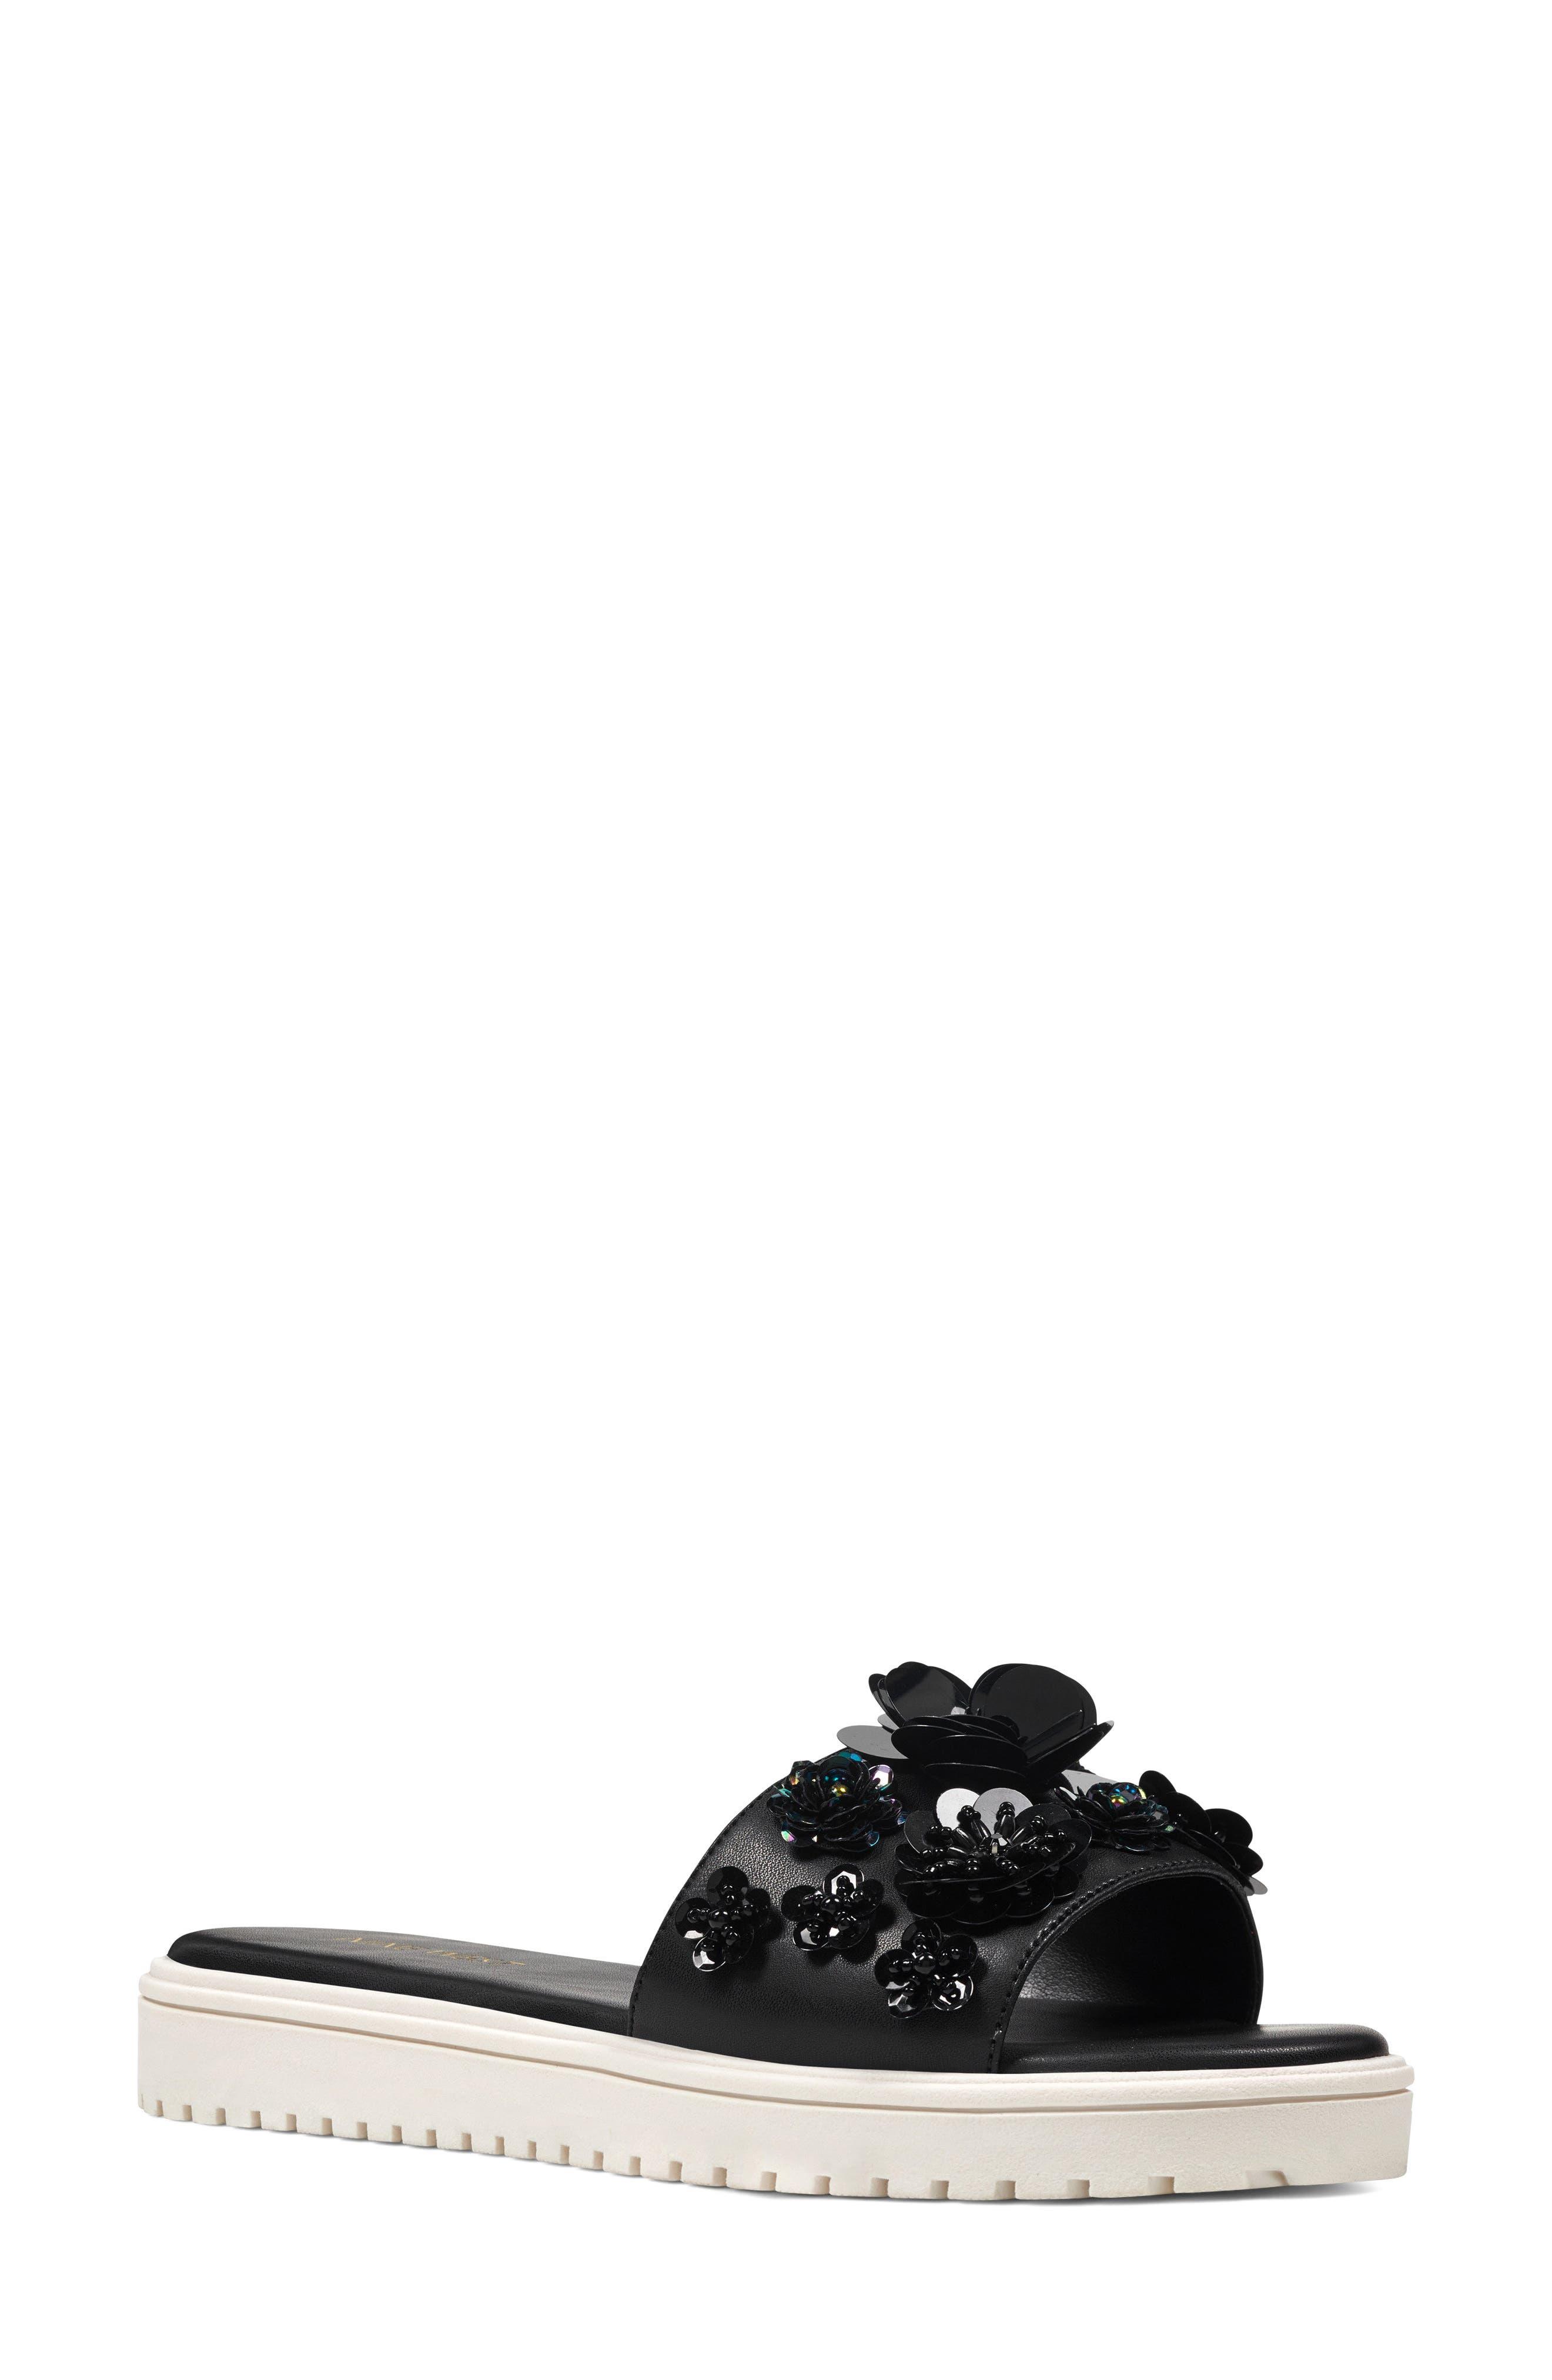 Rainen Flower Embellished Slide Sandal,                         Main,                         color, Black Fabric